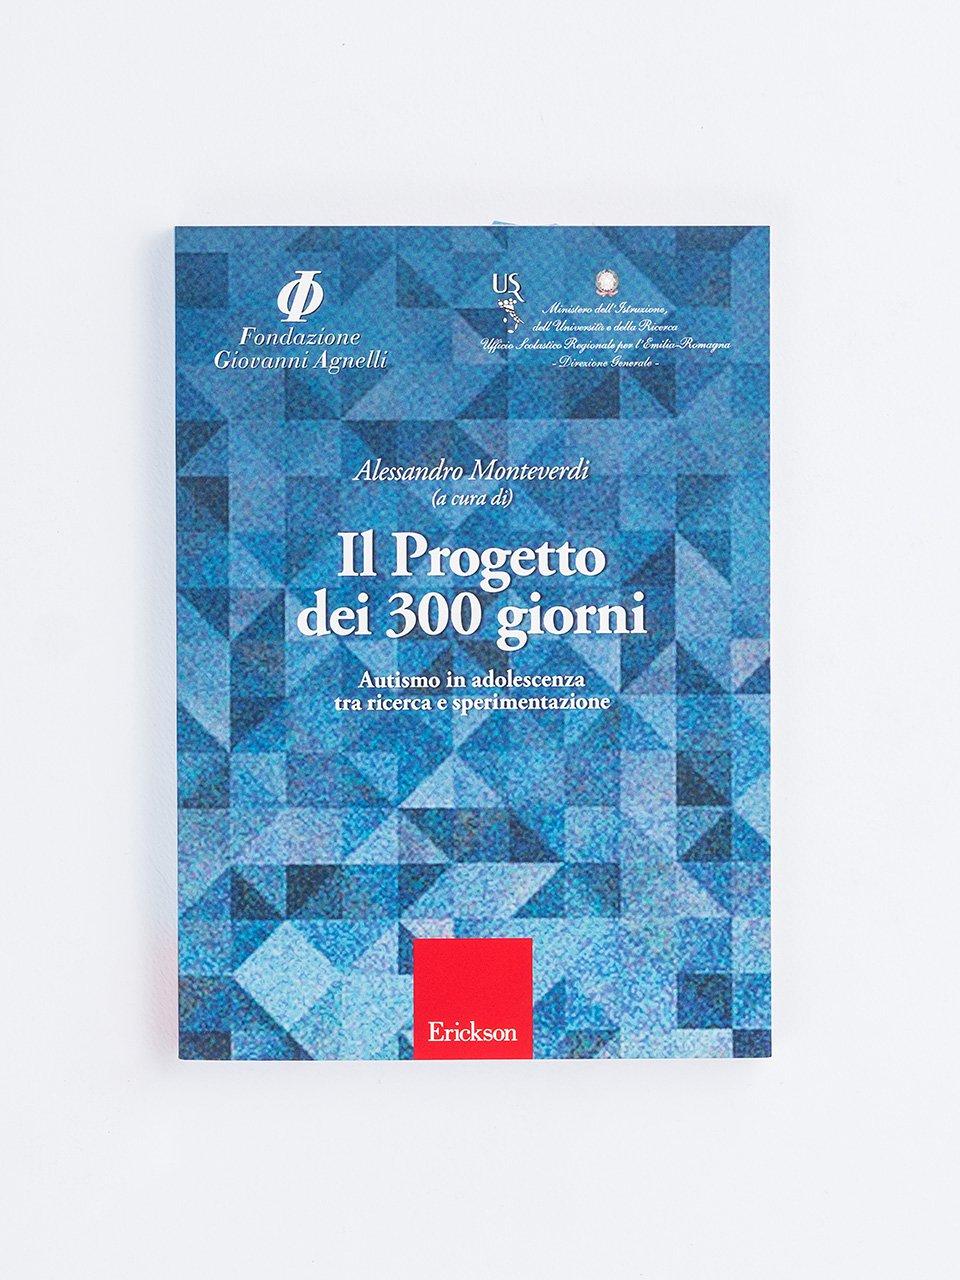 Il Progetto dei 300 giorni - L'incantesimo di Rocco - App e software - Erickson